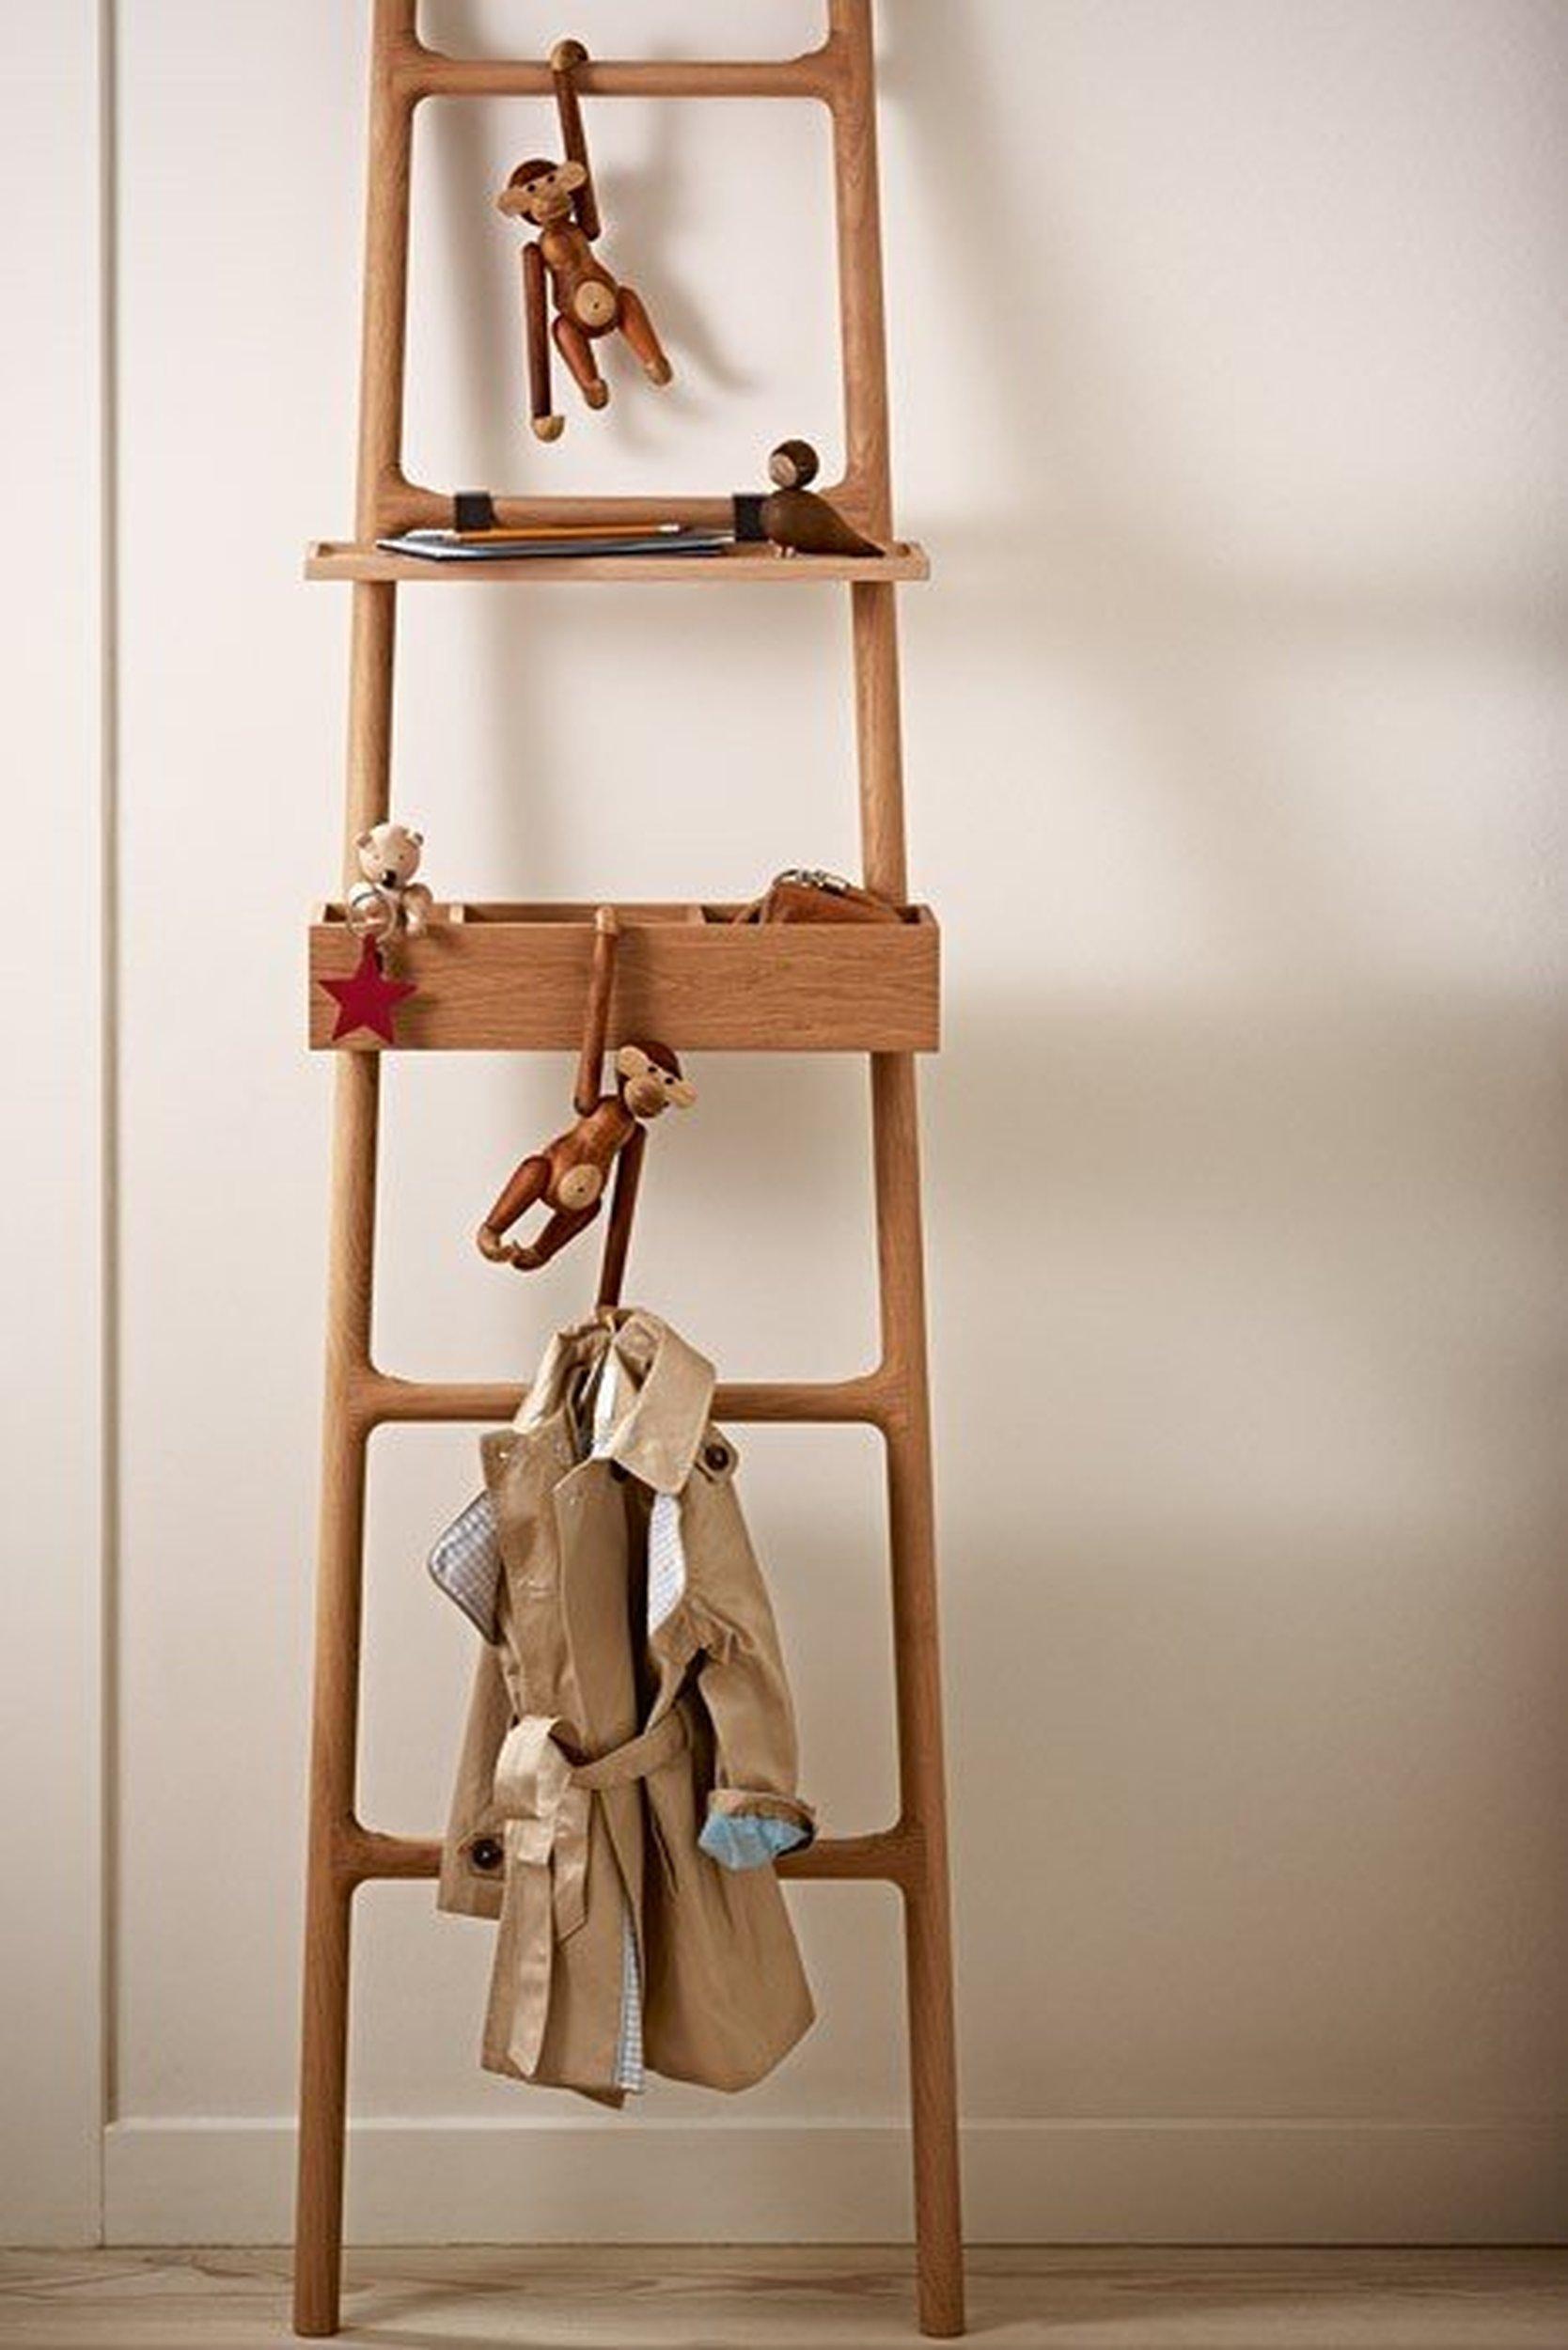 dekoracja drewniana ma pa ma a kay bojesen 39250 fabryka form. Black Bedroom Furniture Sets. Home Design Ideas